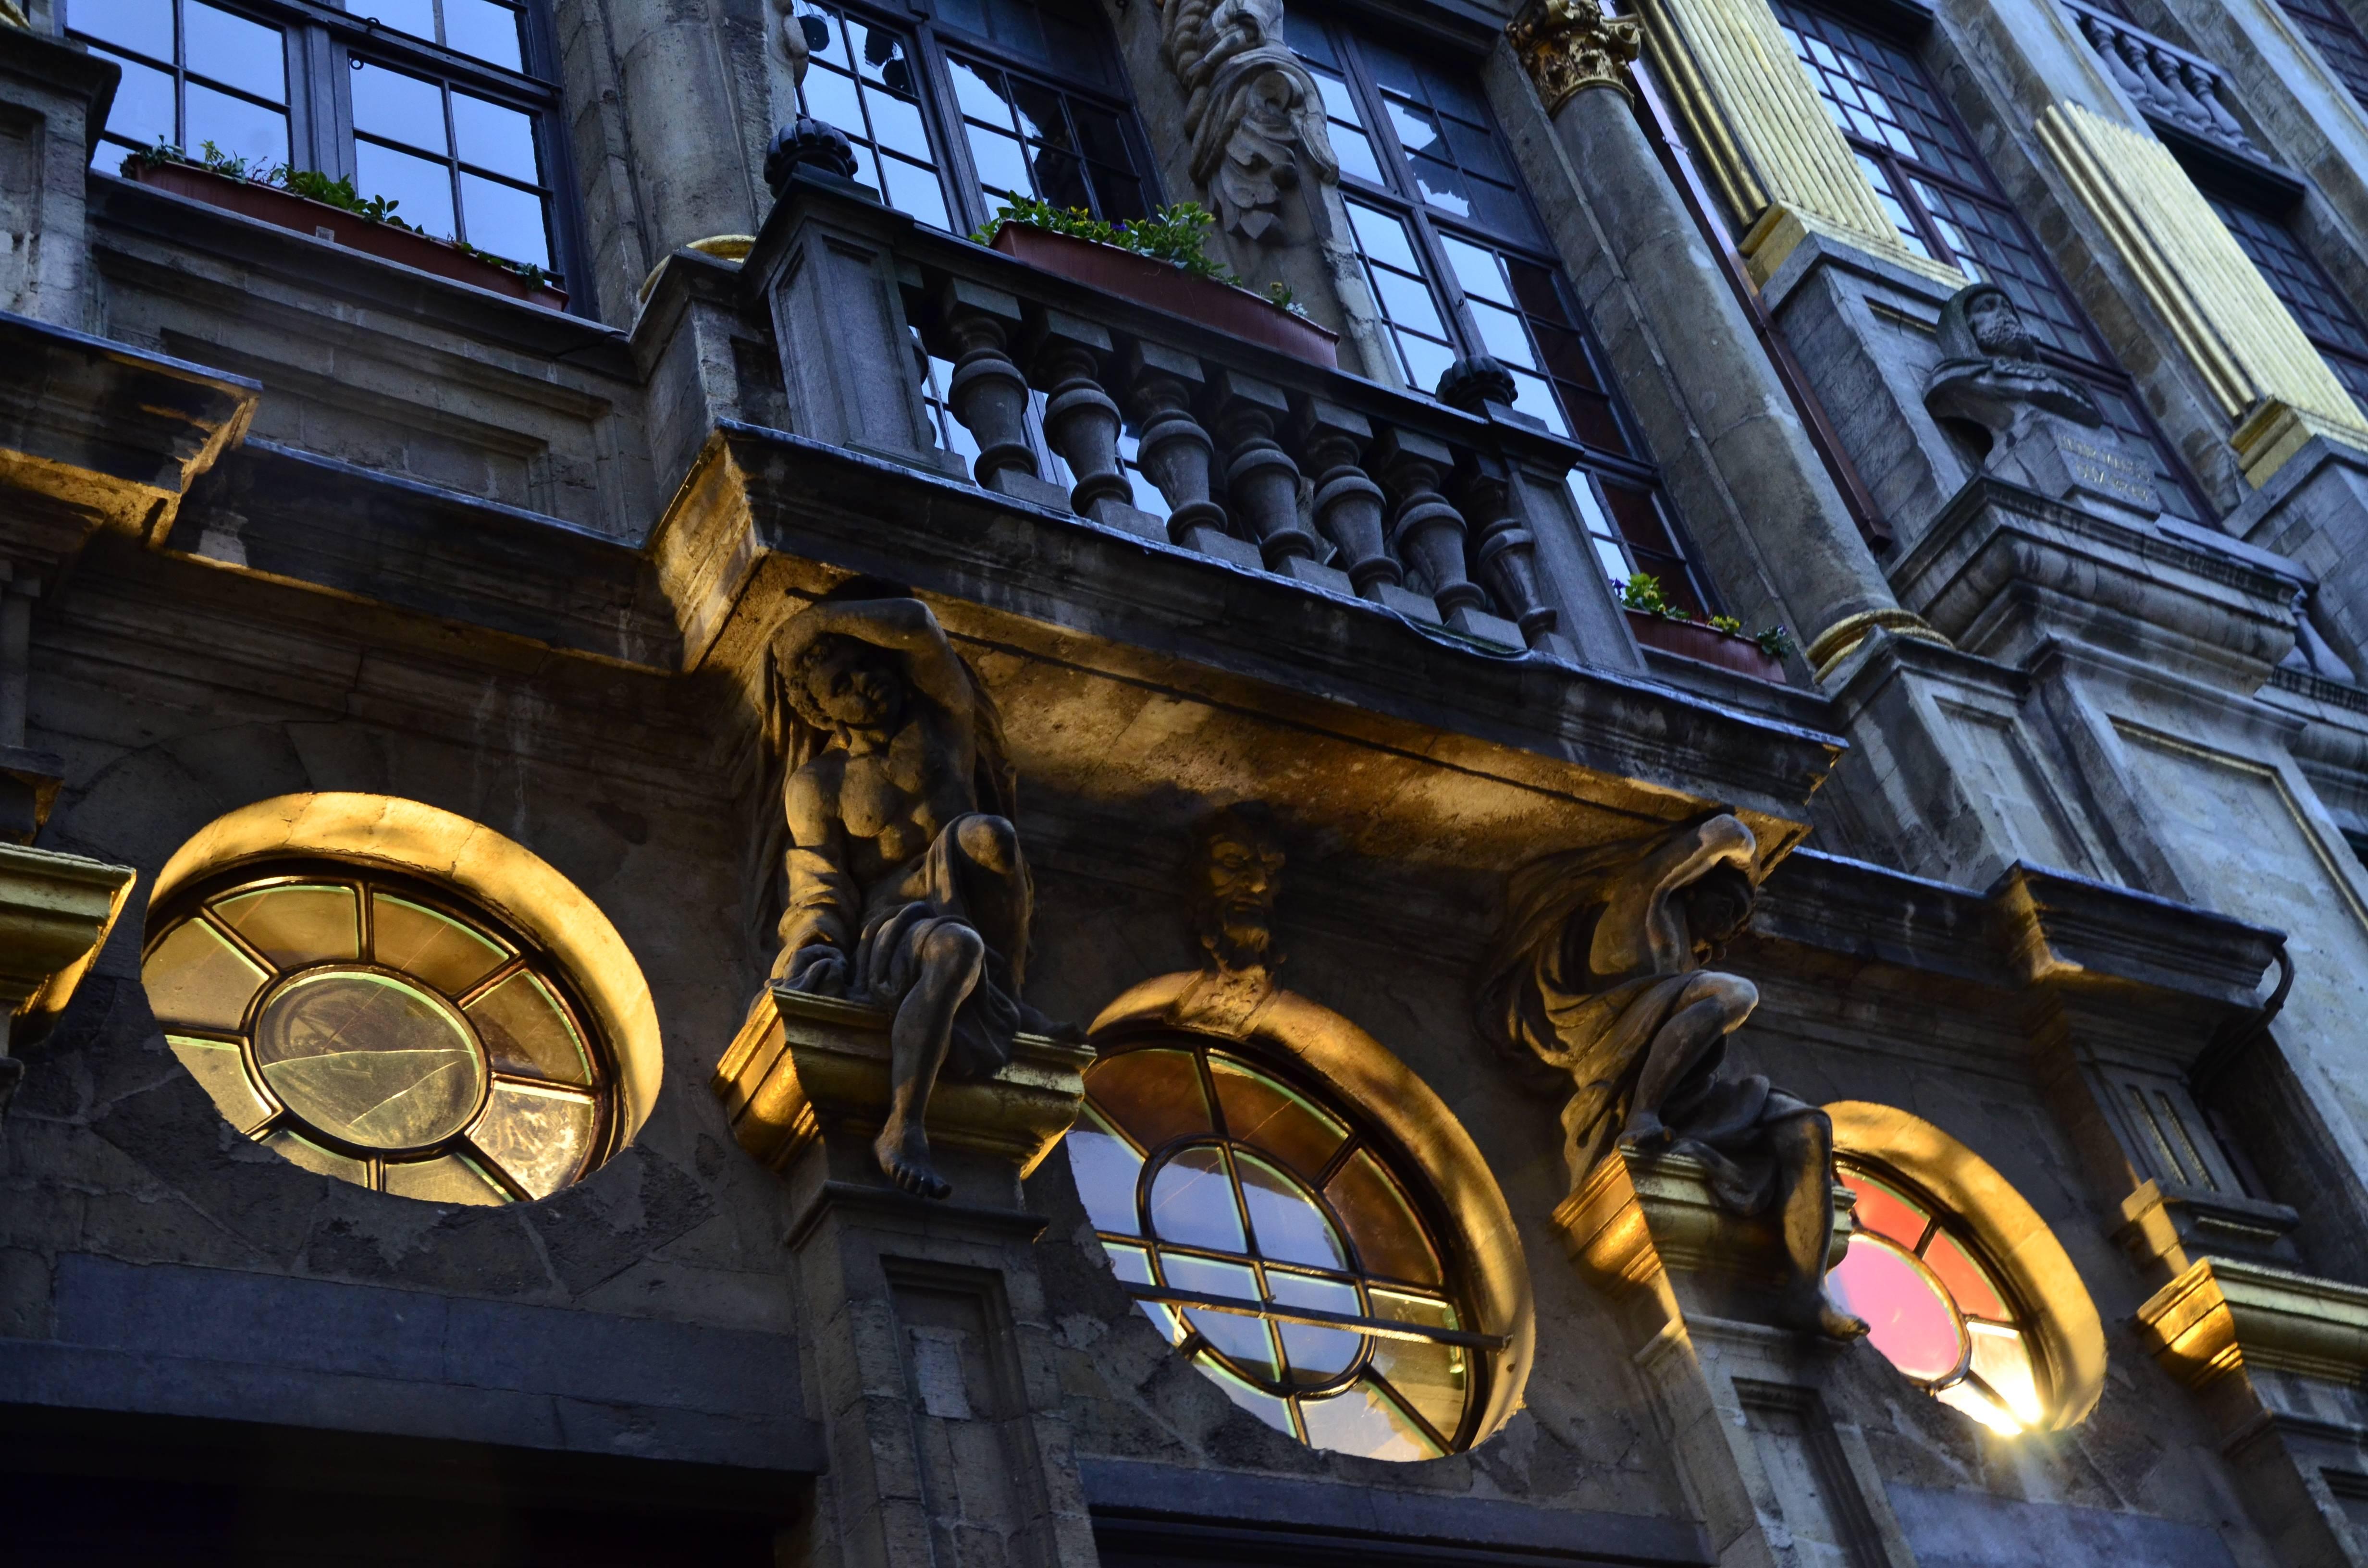 Photo 3: La Grande Place de Bruxelles : un incontournable !